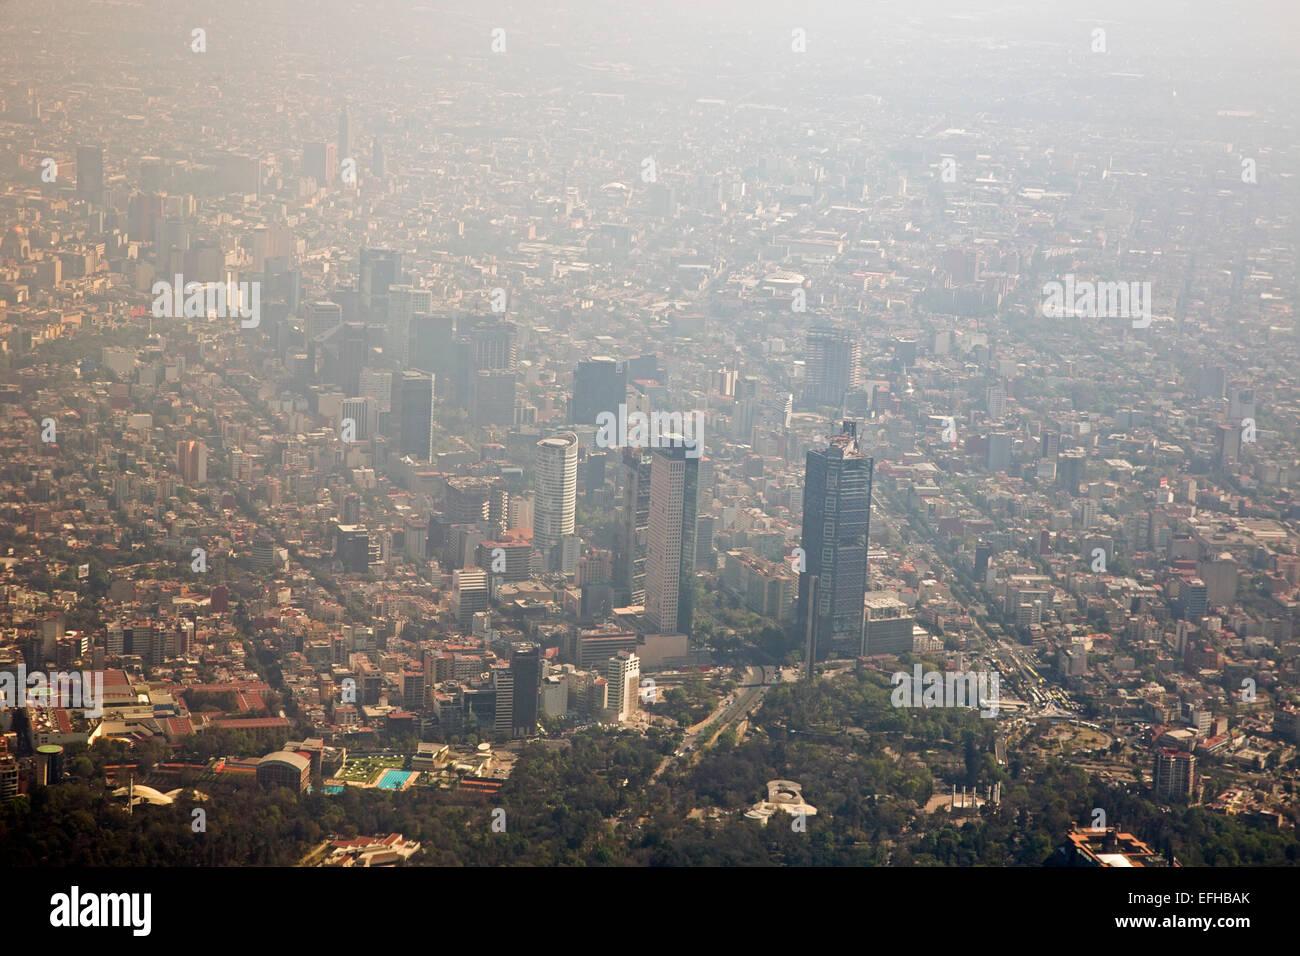 La ville de Mexico, Mexique - La pollution de l'air réduit la visibilité dans la ville de Mexico. Photo Stock